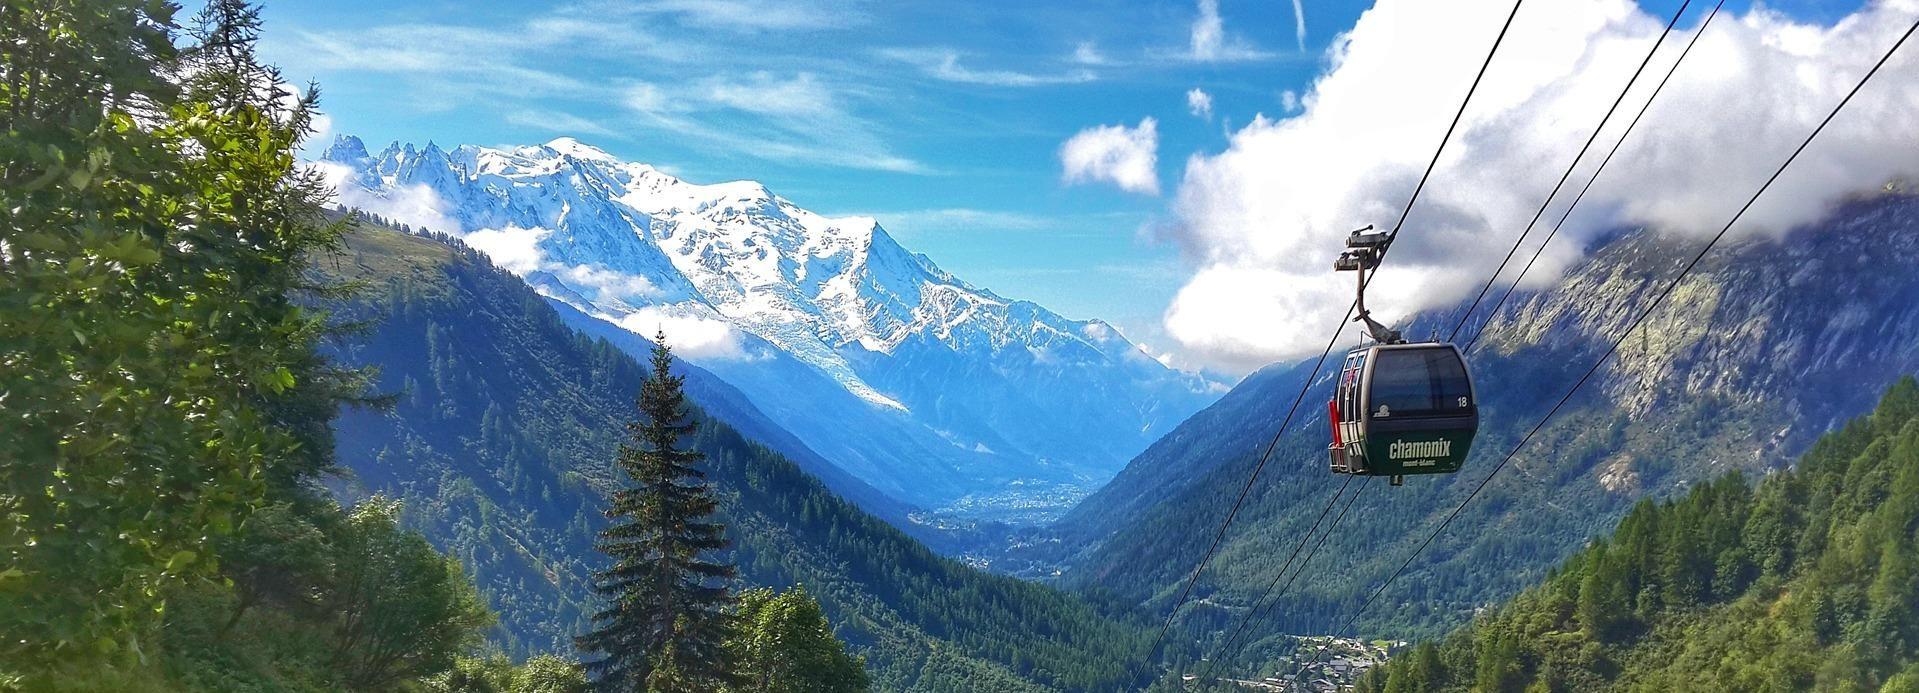 Vanuit Genève: begeleide dagtrip Chamonix en Mont-Blanc